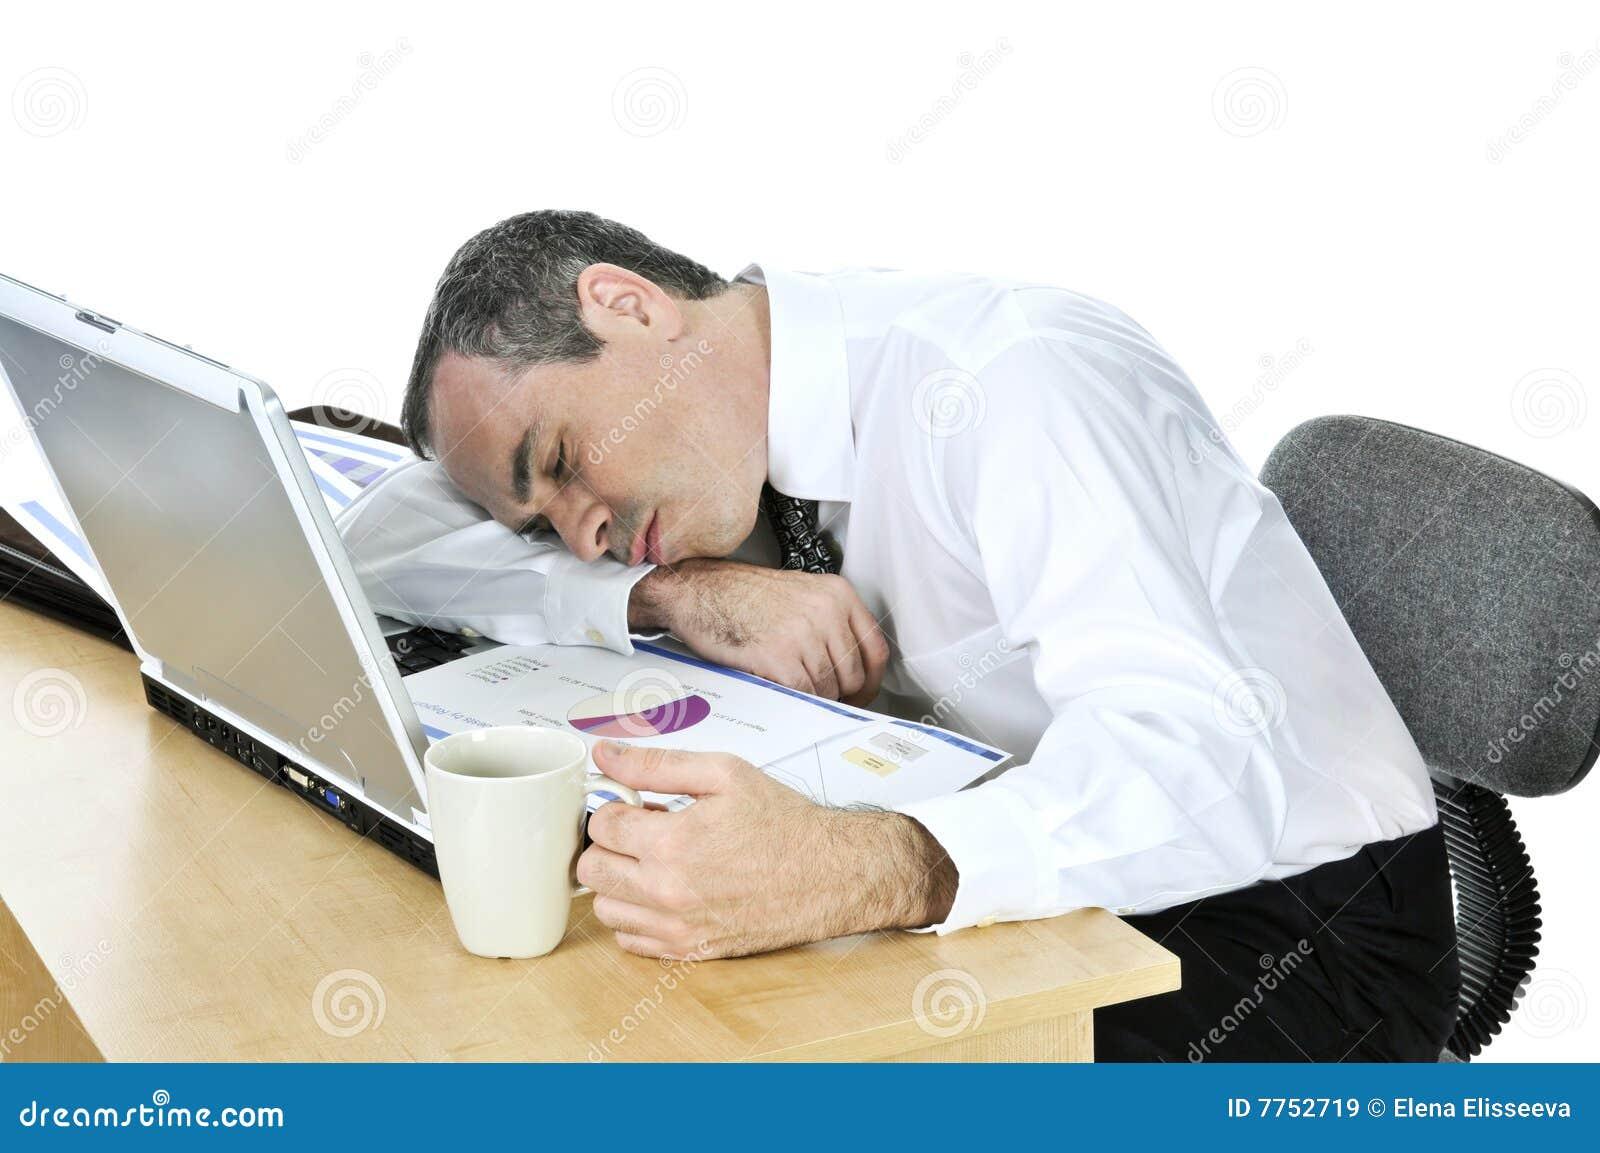 Un usuario destacado Hombre-de-negocios-dormido-en-su-escritorio-en-el-fondo-blanco-7752719